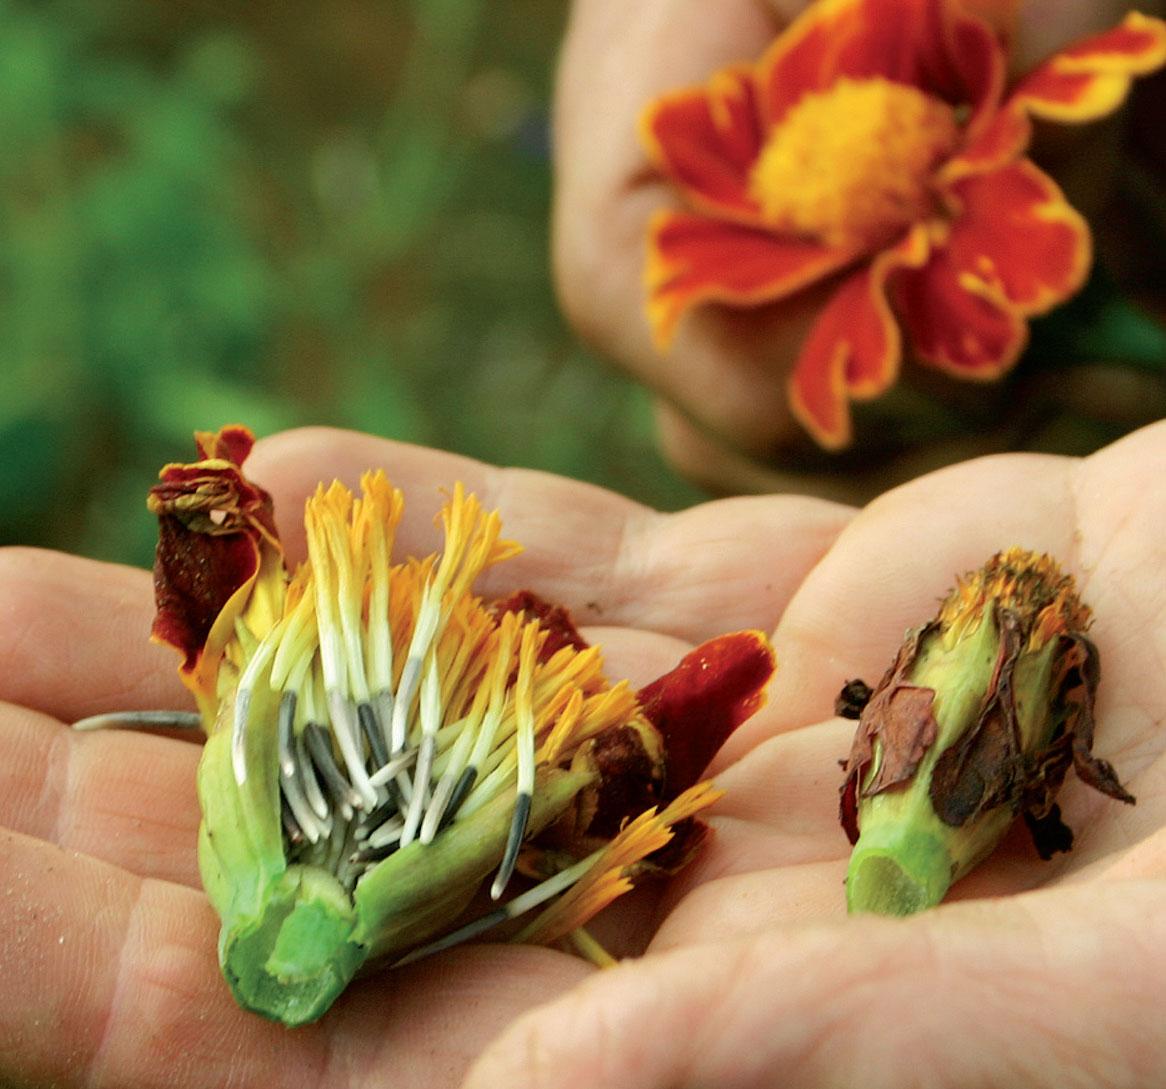 Talleta kääpiö- ja ryhmäsamettikukkien siemenet seuraavan kevään kylvöksiä varten